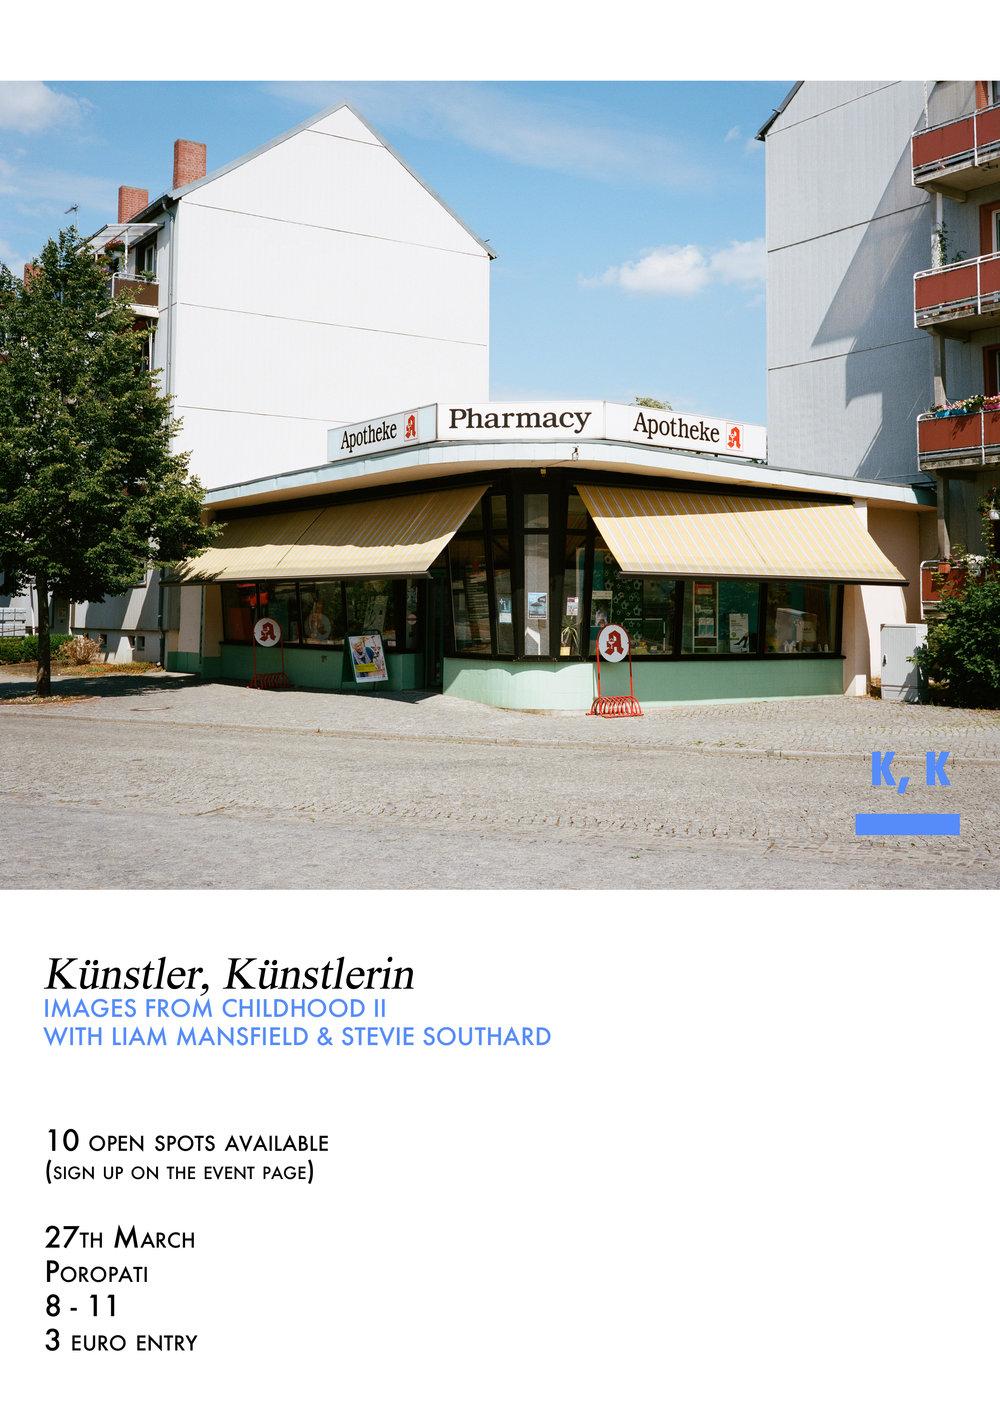 Künstler, Künstlerin, images from childhood II.jpg